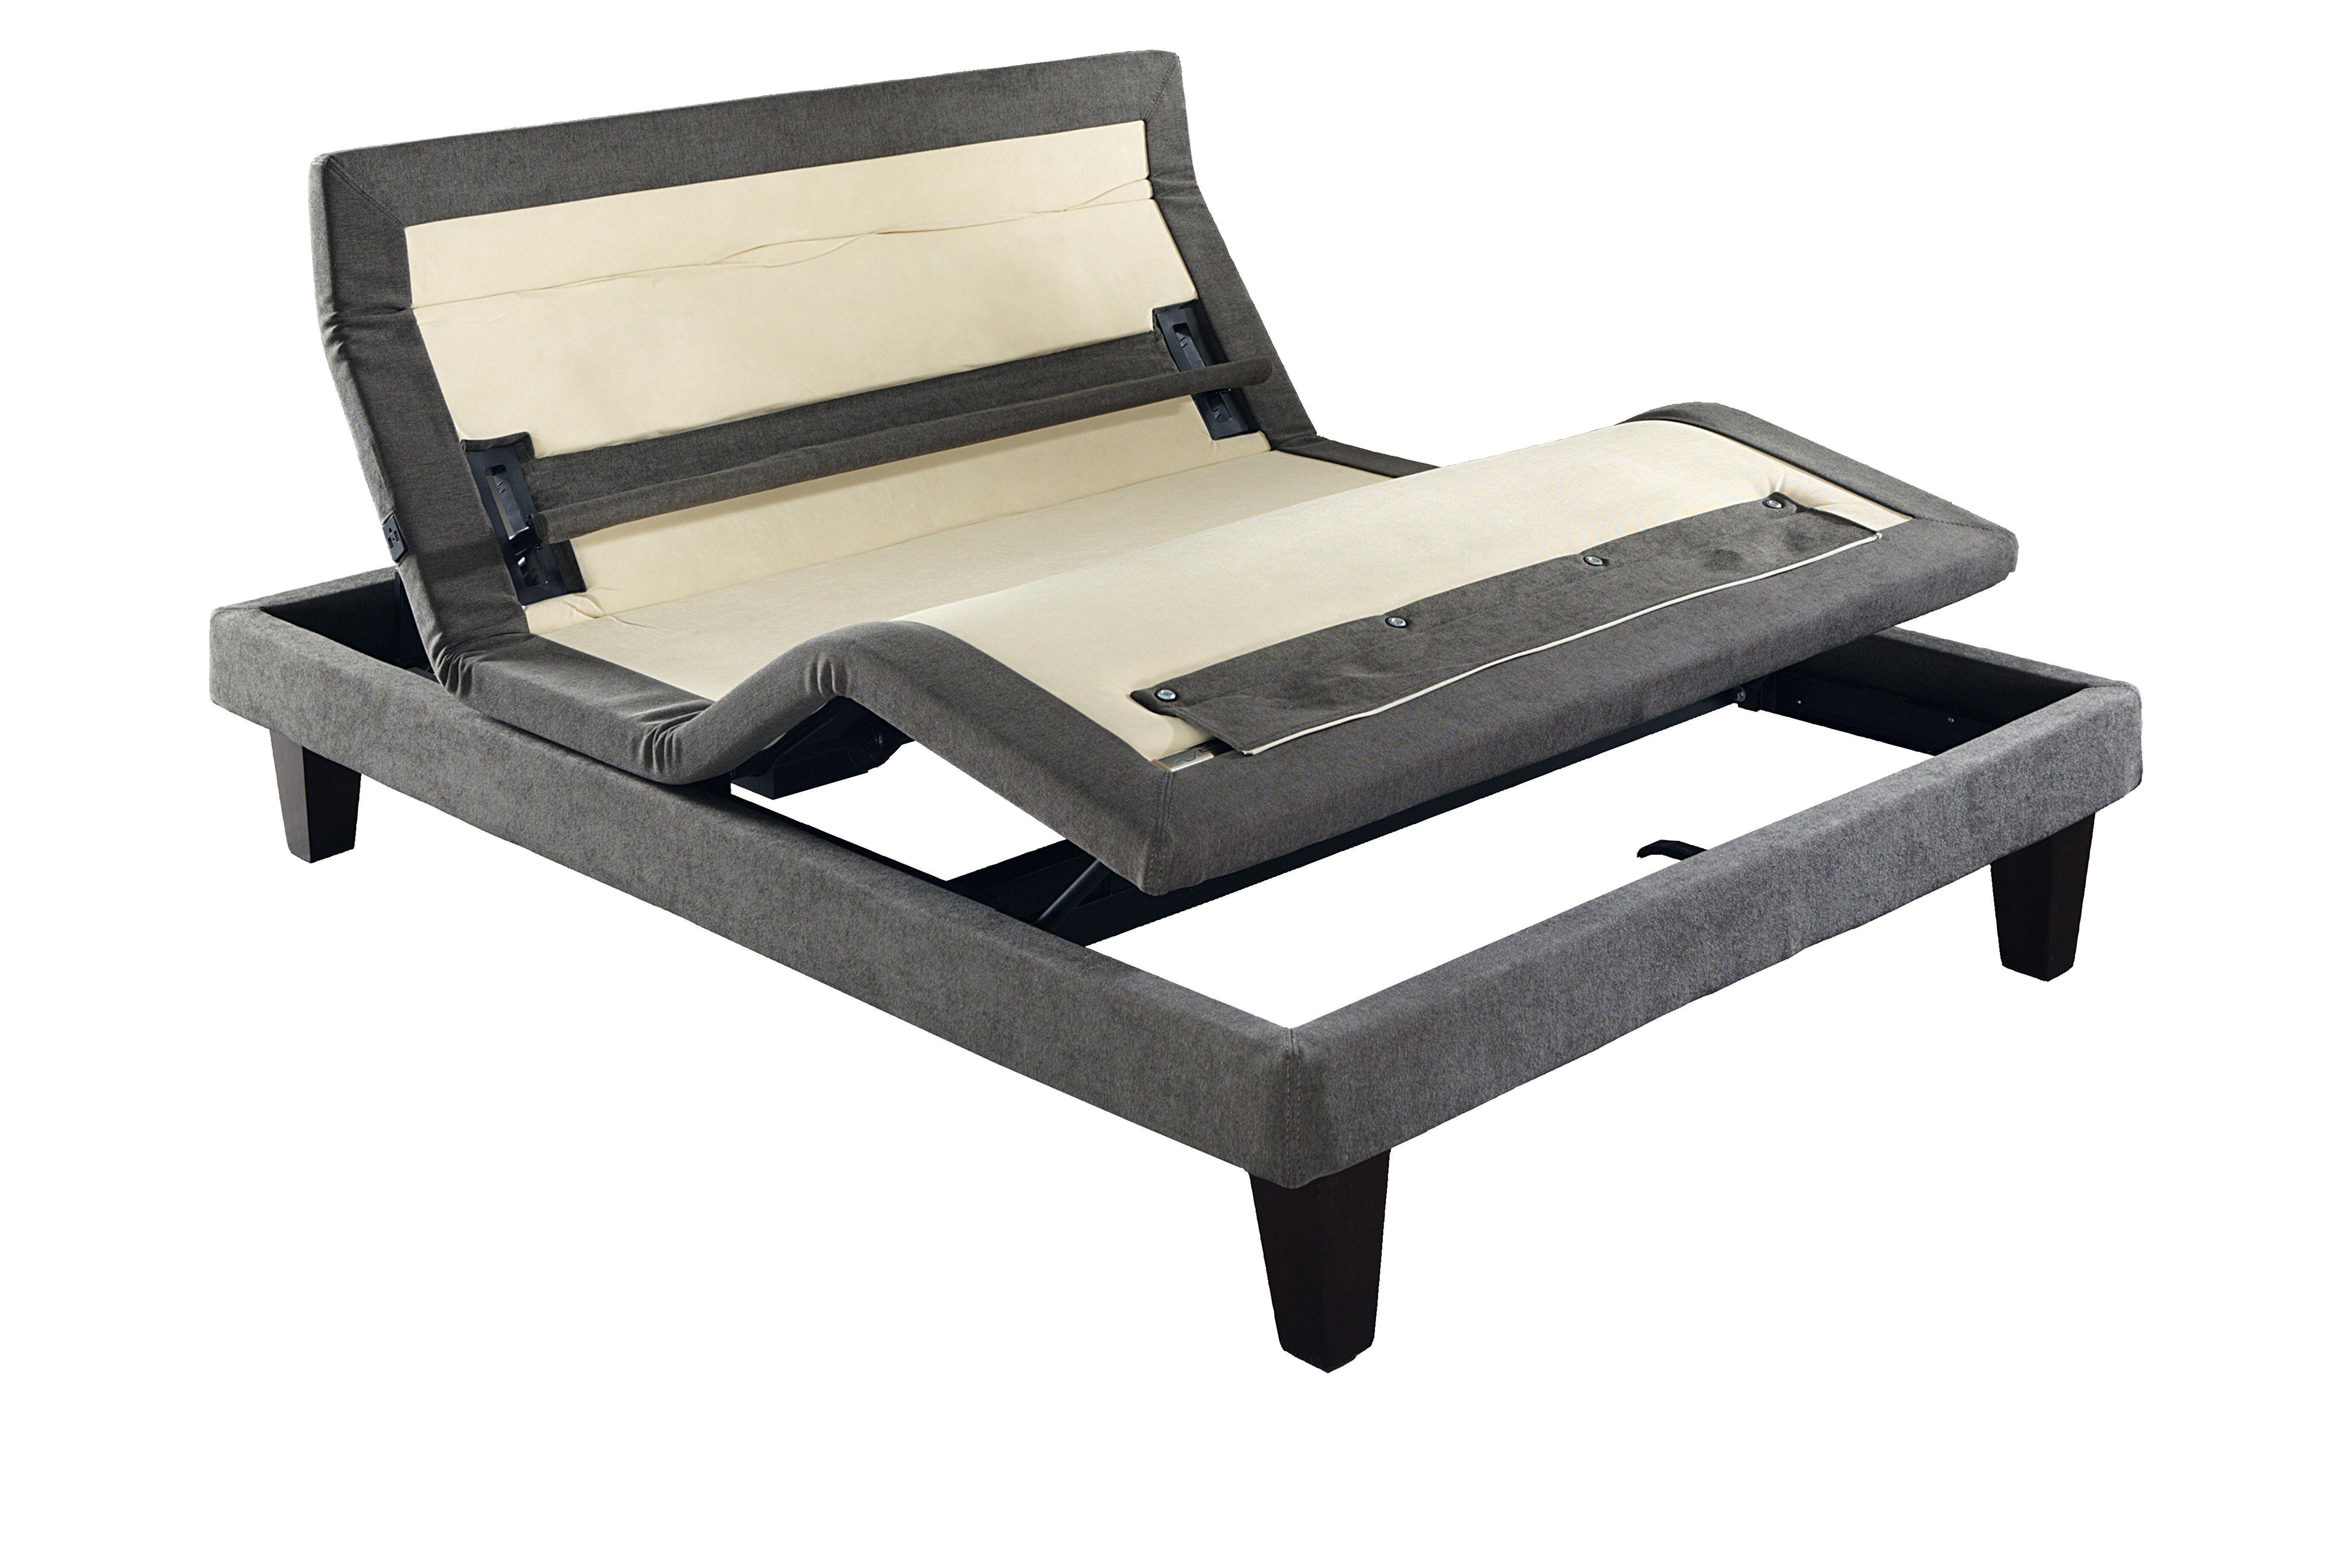 serta icomfort f500 mattress